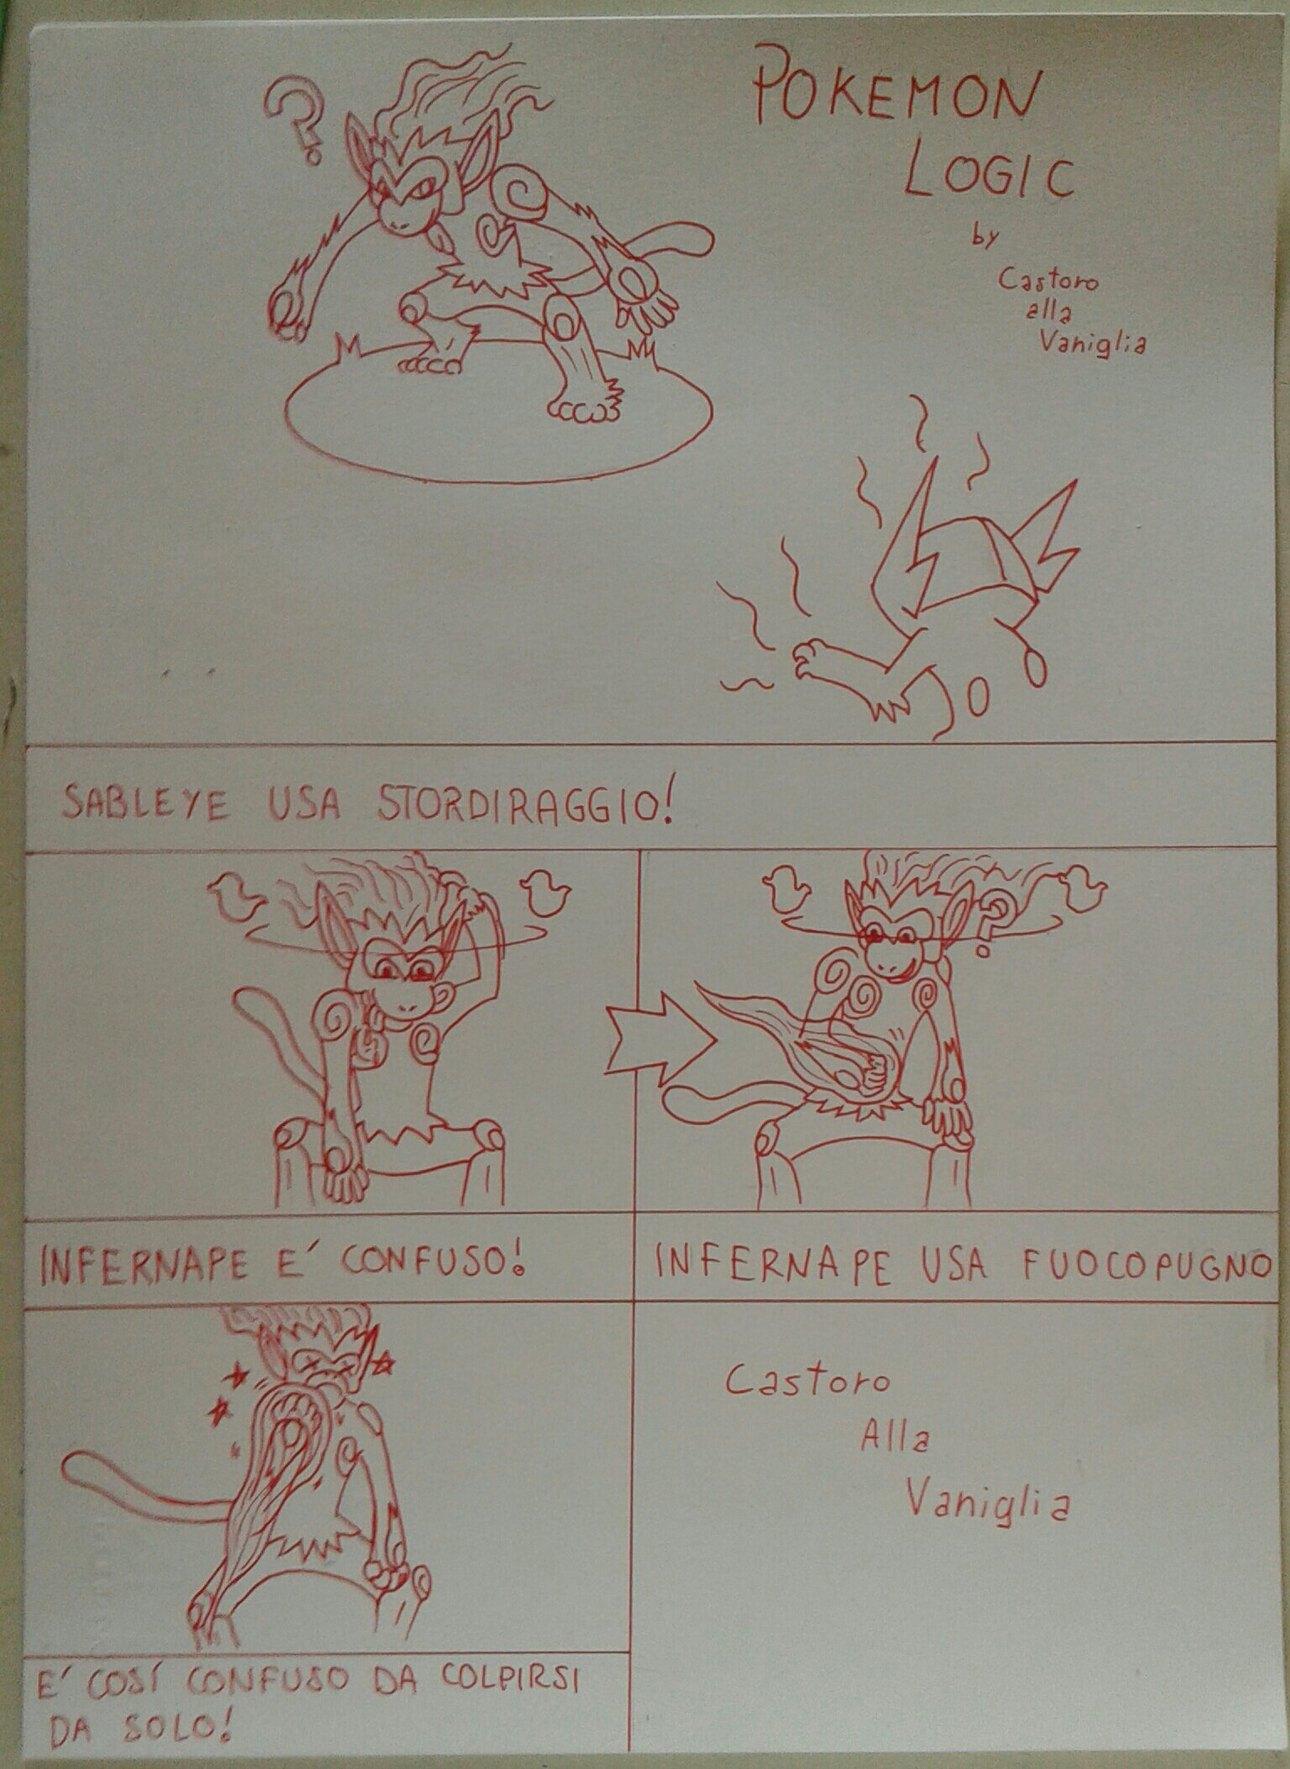 Pokemon logic: anche se uno è confuso, bisogna essere deficienti per prendersi a pugni da soli, eppure mel maggico mondo dei pokemon succede! - meme